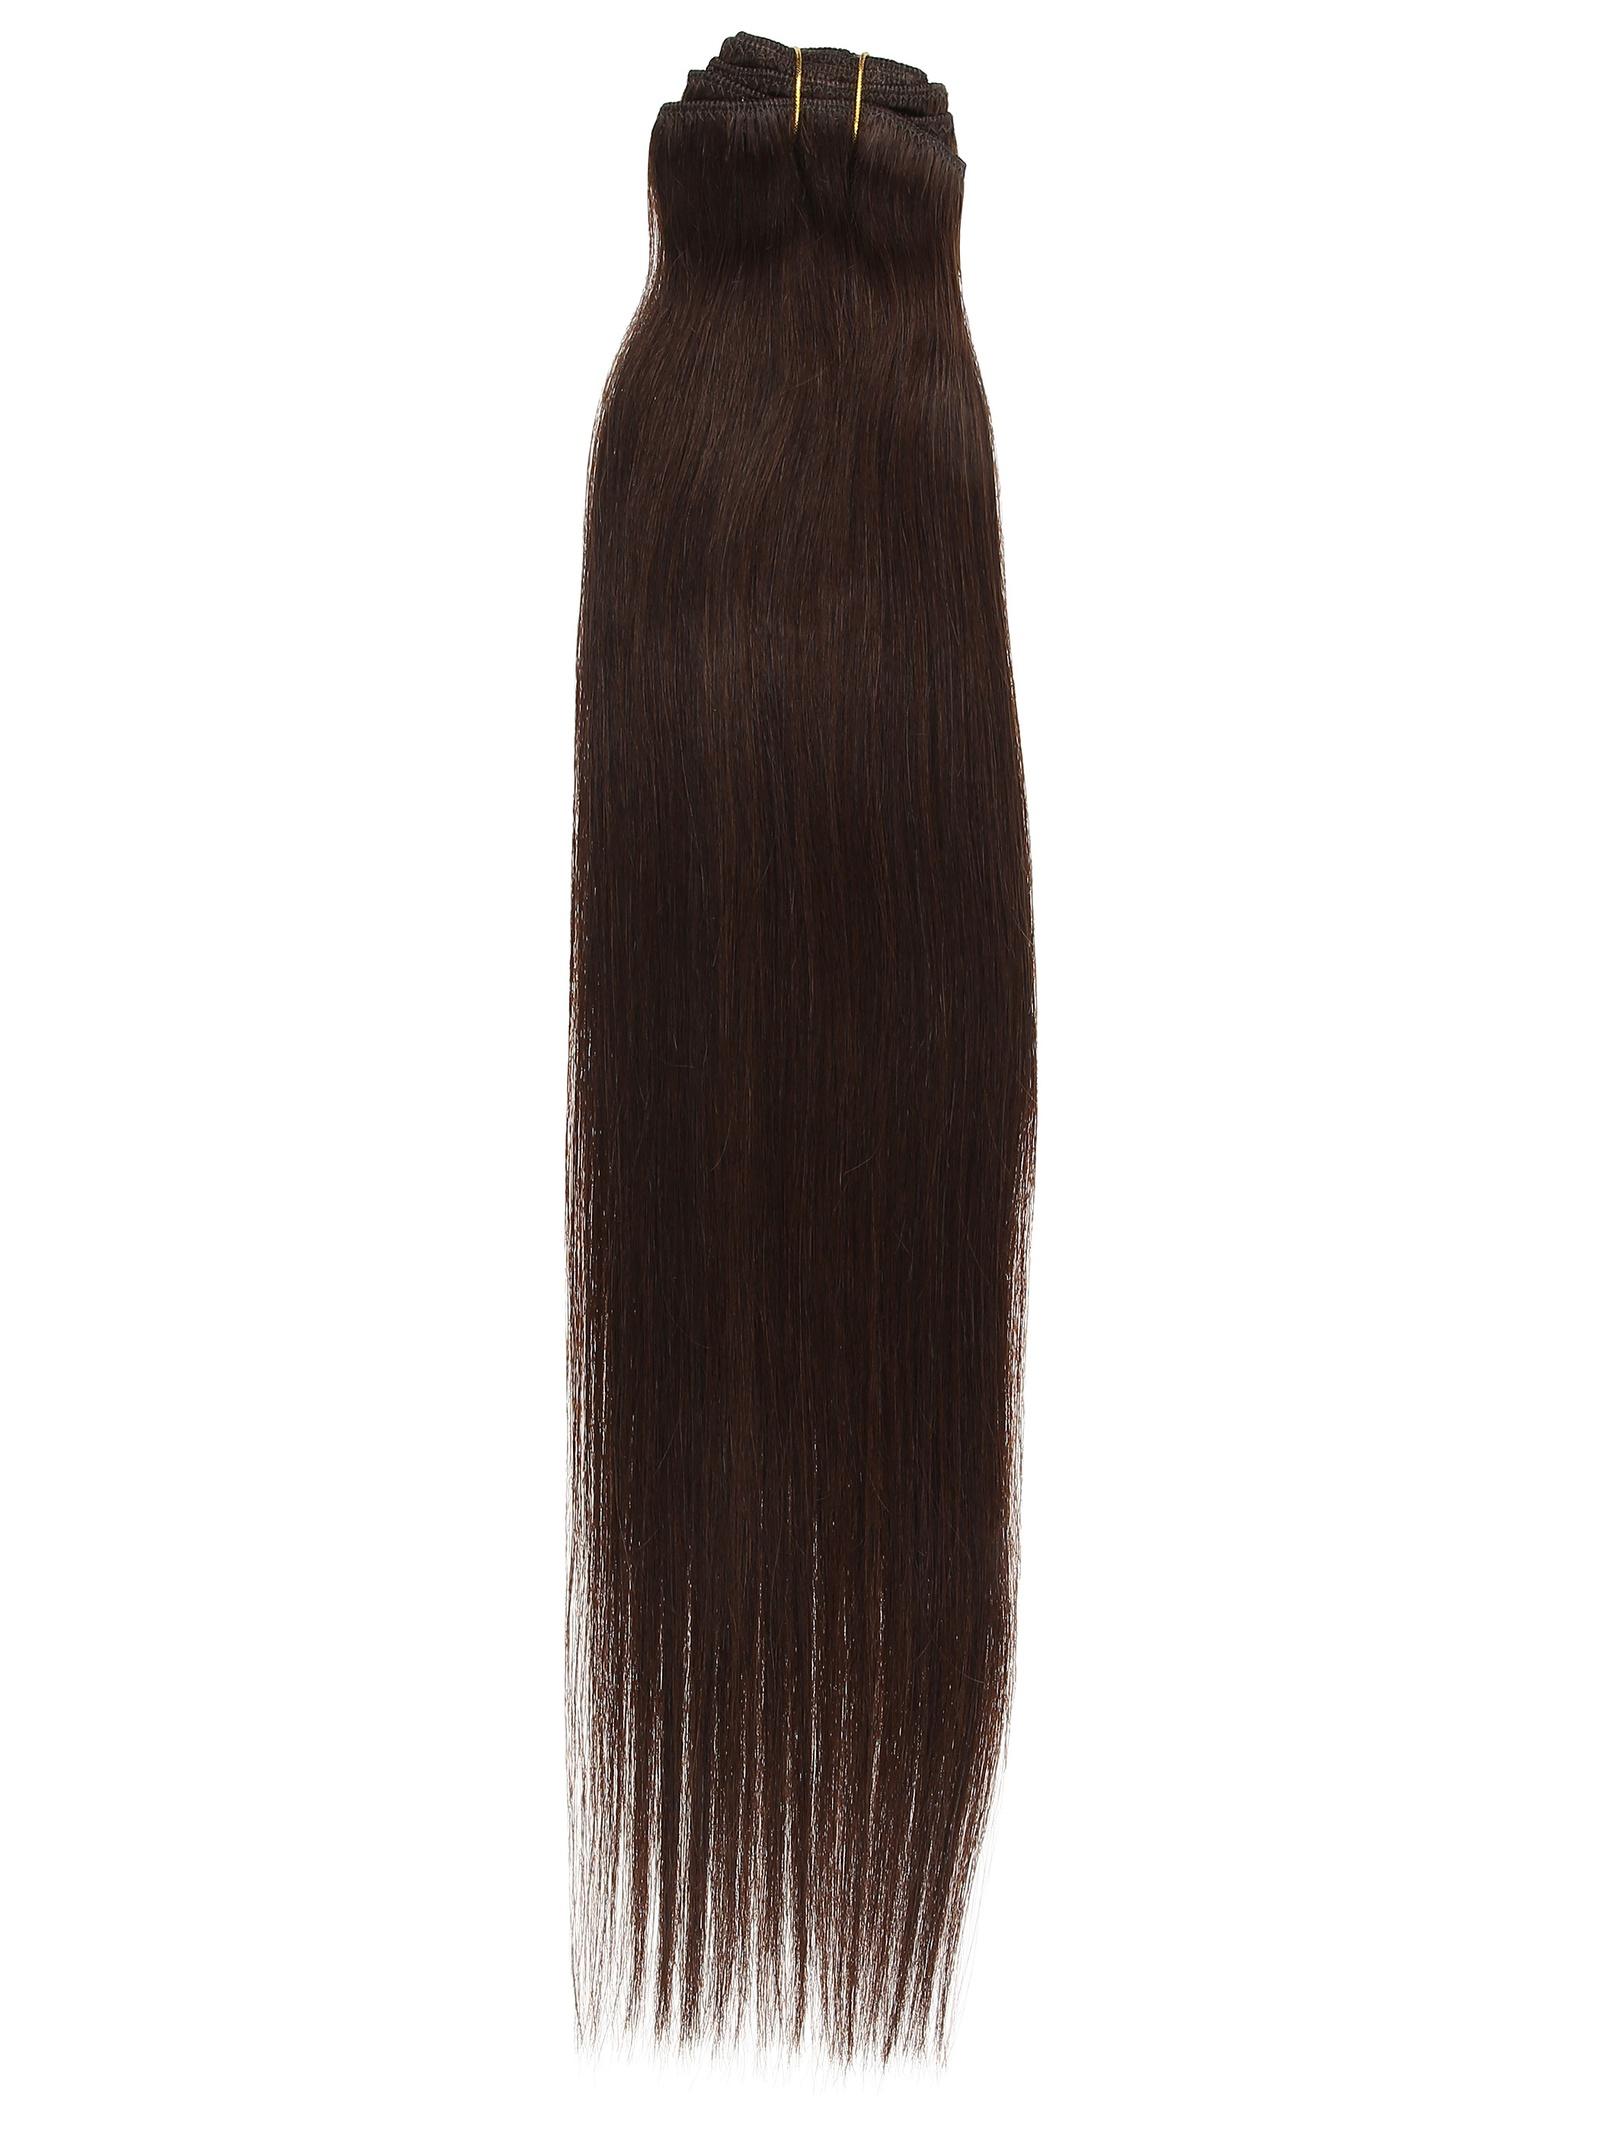 накладные волосы на заколках отзывы с фото винтажная